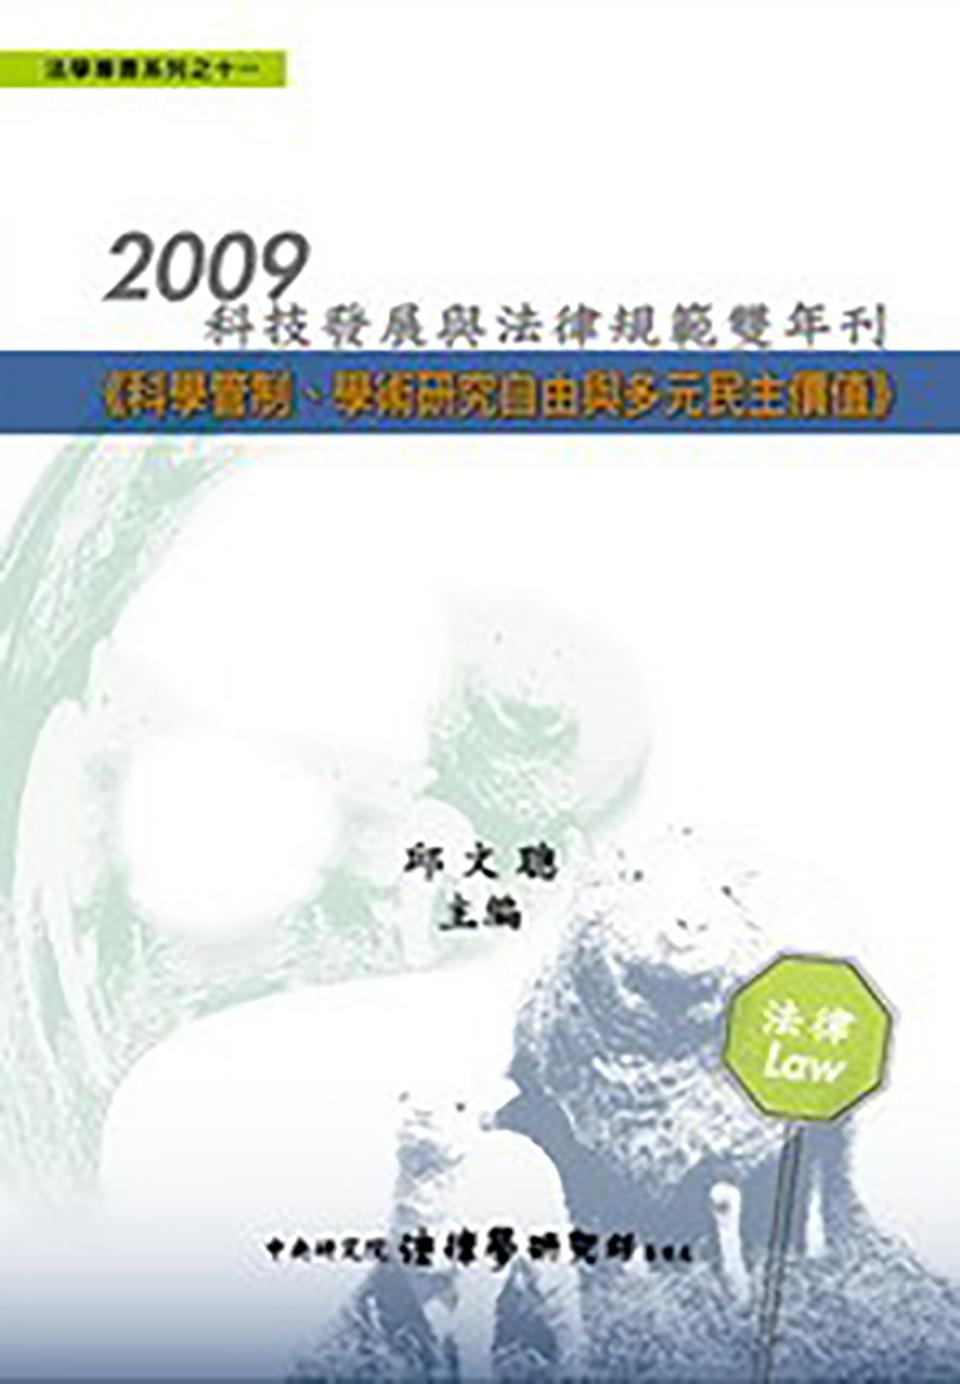 2009 科技發展與法律規範雙年刊